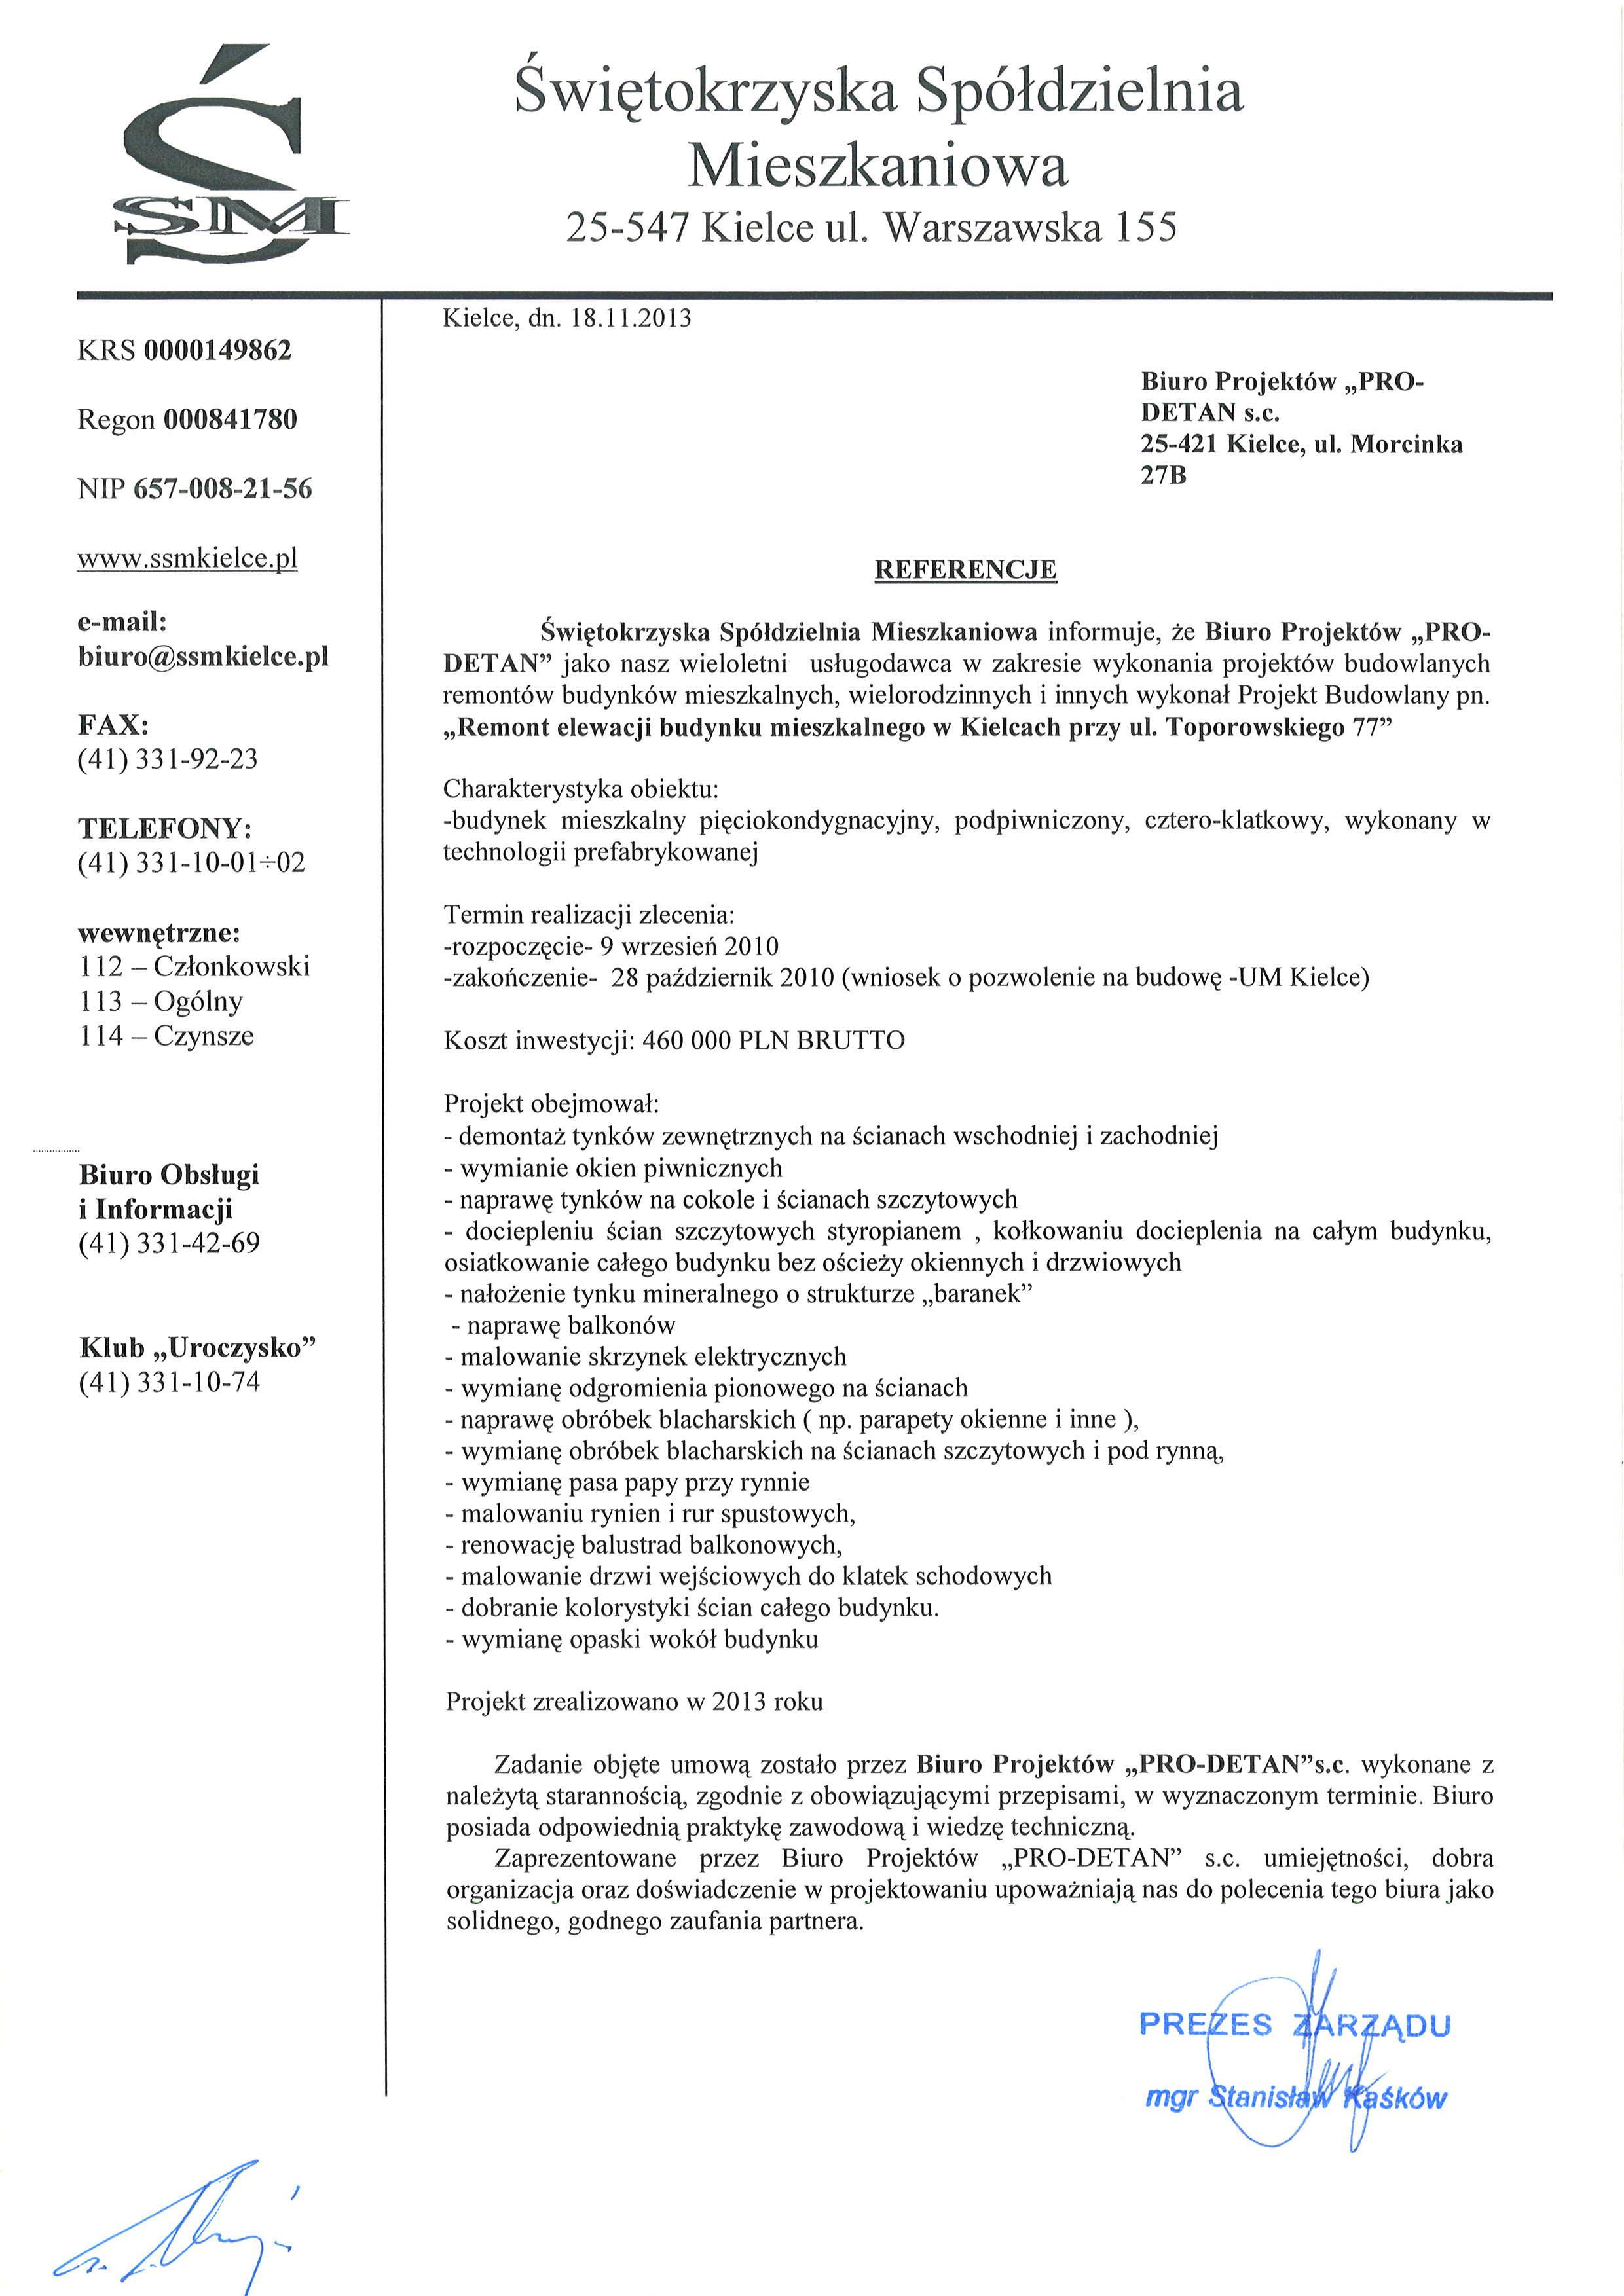 referencje Toporowskiego 77